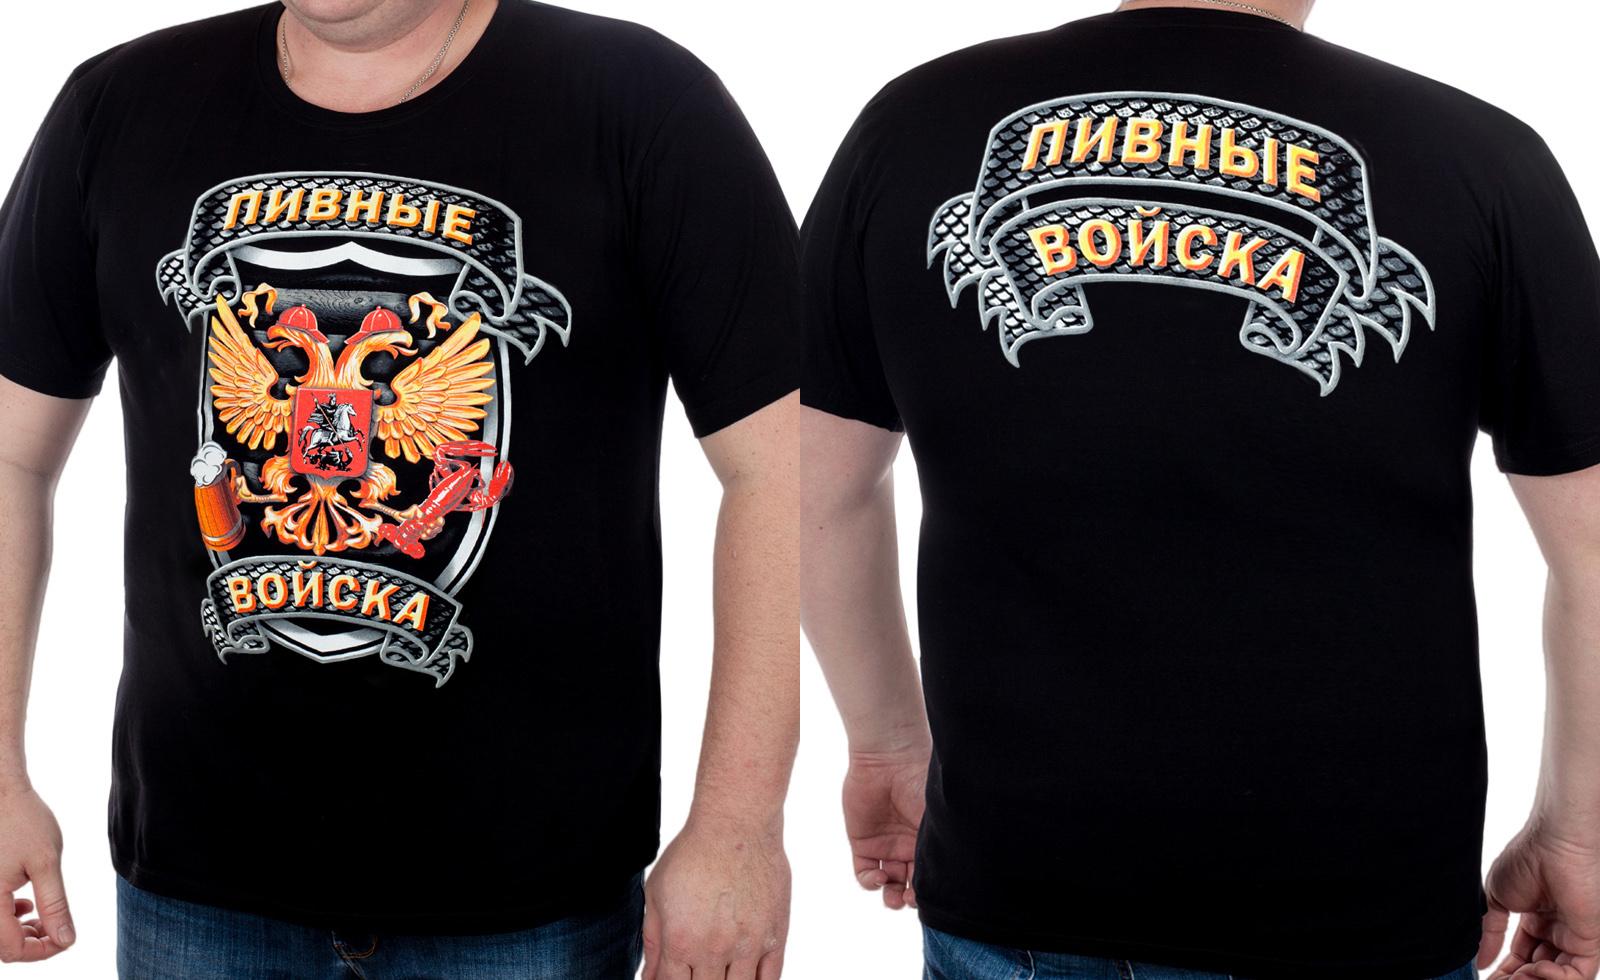 С ТЁМНЫМ ПИВОМ В СВЕТЛОЕ ЗАВТРА! Оригинальная футболка с прикольным принтом. Подарок для мужчин, которые периодические проходят переподготовку в Пивных Войсках